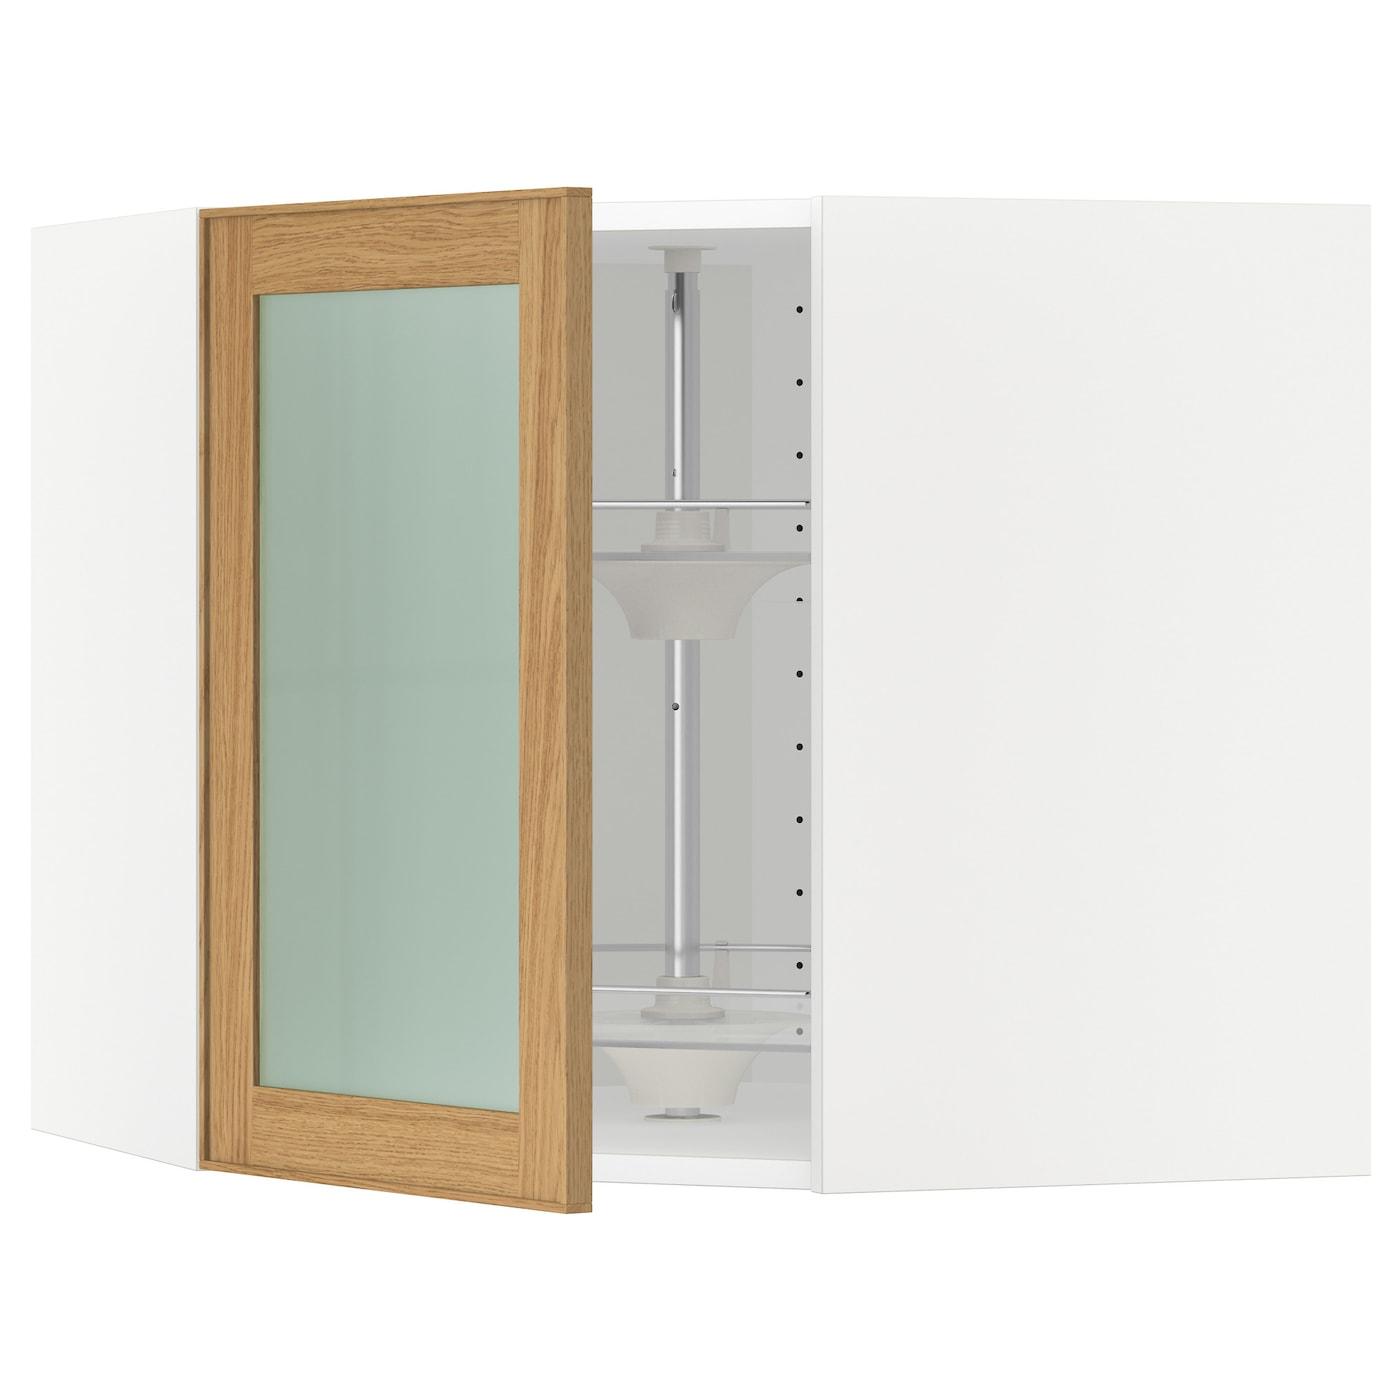 IKEA METOD Wandeckvitrine mit karussell weiß/Ekestad Eiche 68x60 cm | Wohnzimmer > Vitrinen > Eckvitrinen | IKEA